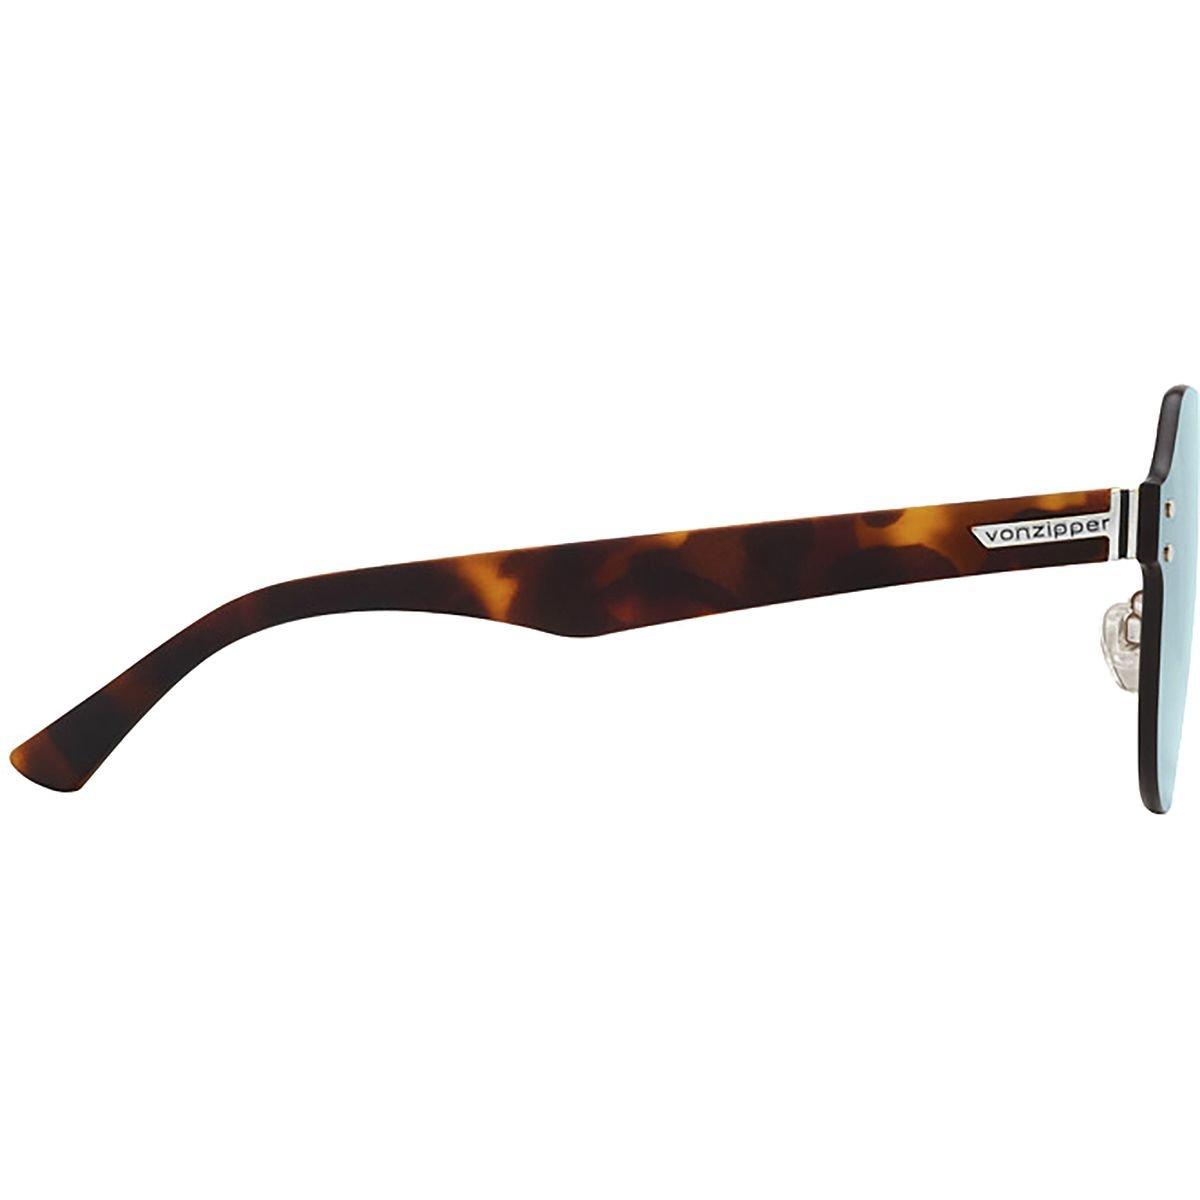 06c641afc5 Amazon.com  VonZipper Men s Alt Psychwig Sunglasses